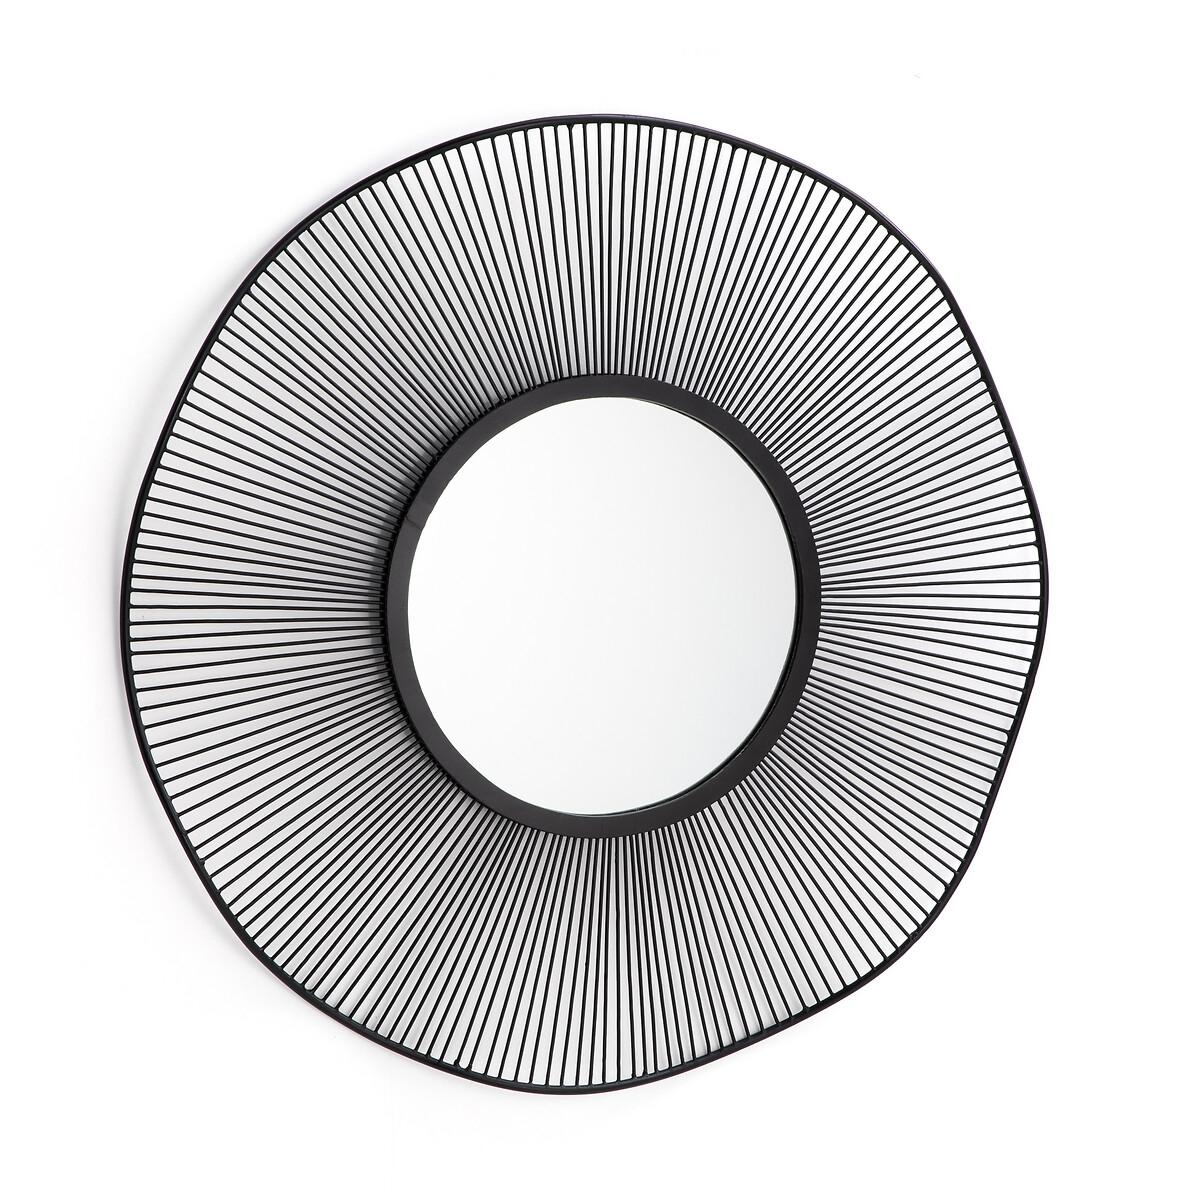 Зеркало LaRedoute В виде солнца из проволоки Spyk единый размер черный